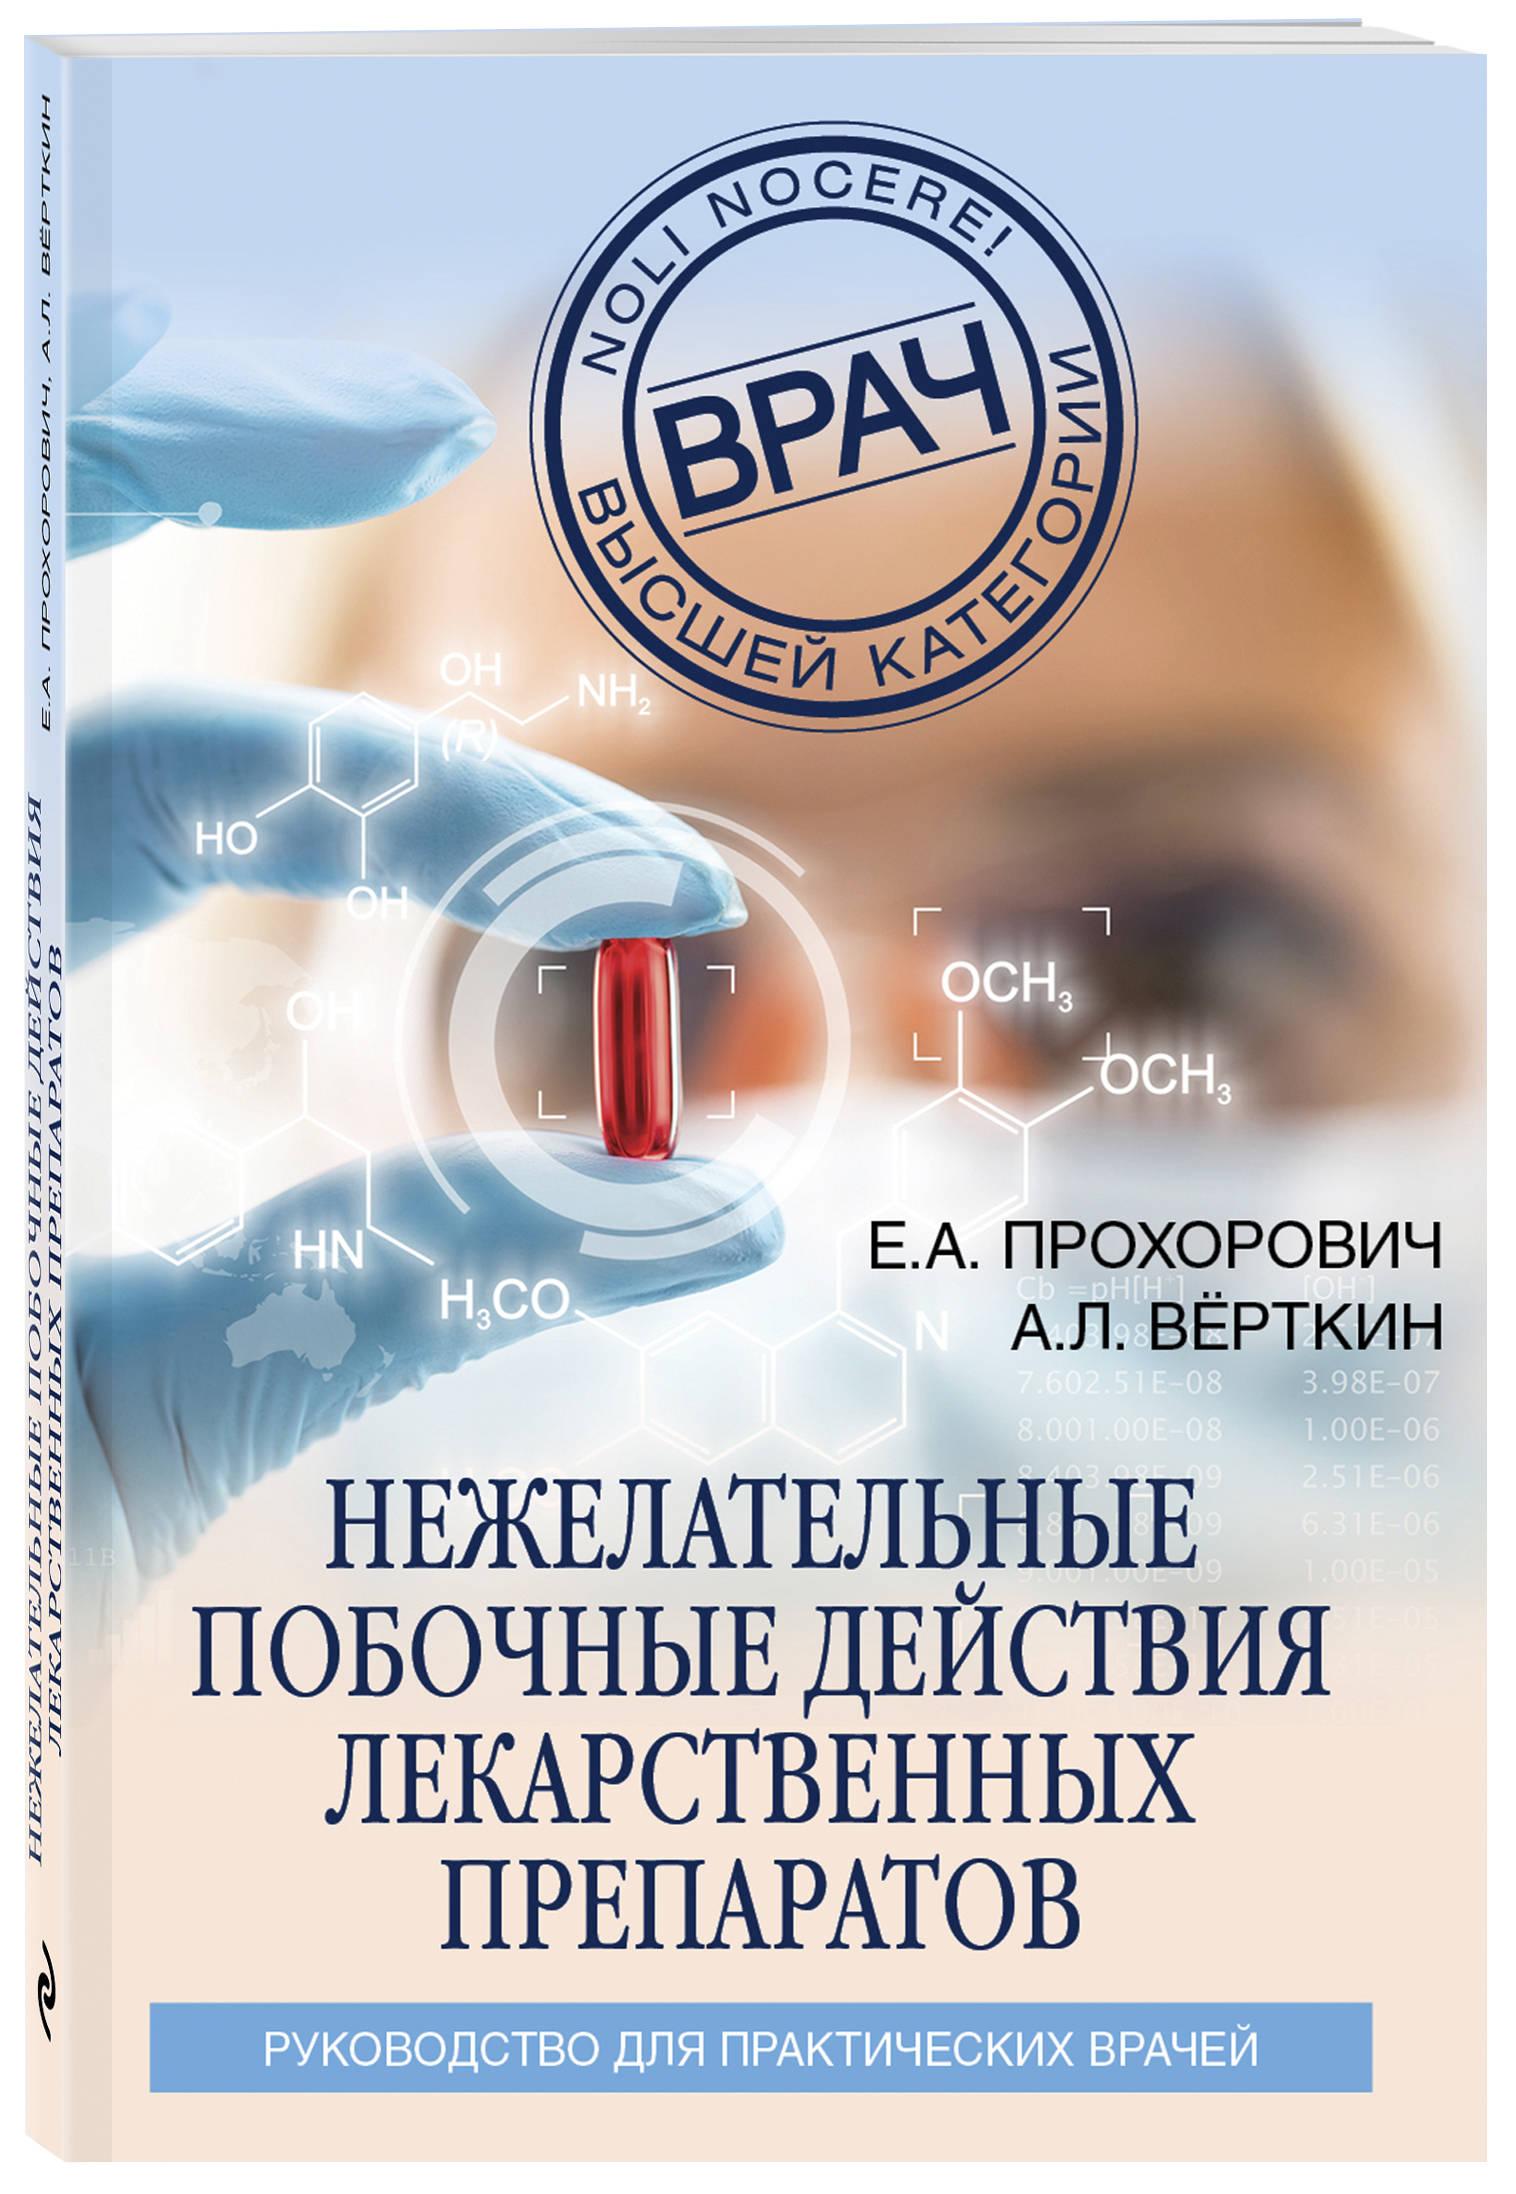 Нежелательные побочные реакции лекарственных препаратов ( Е. А. Прохорович, А. Л. Вёрткин  )